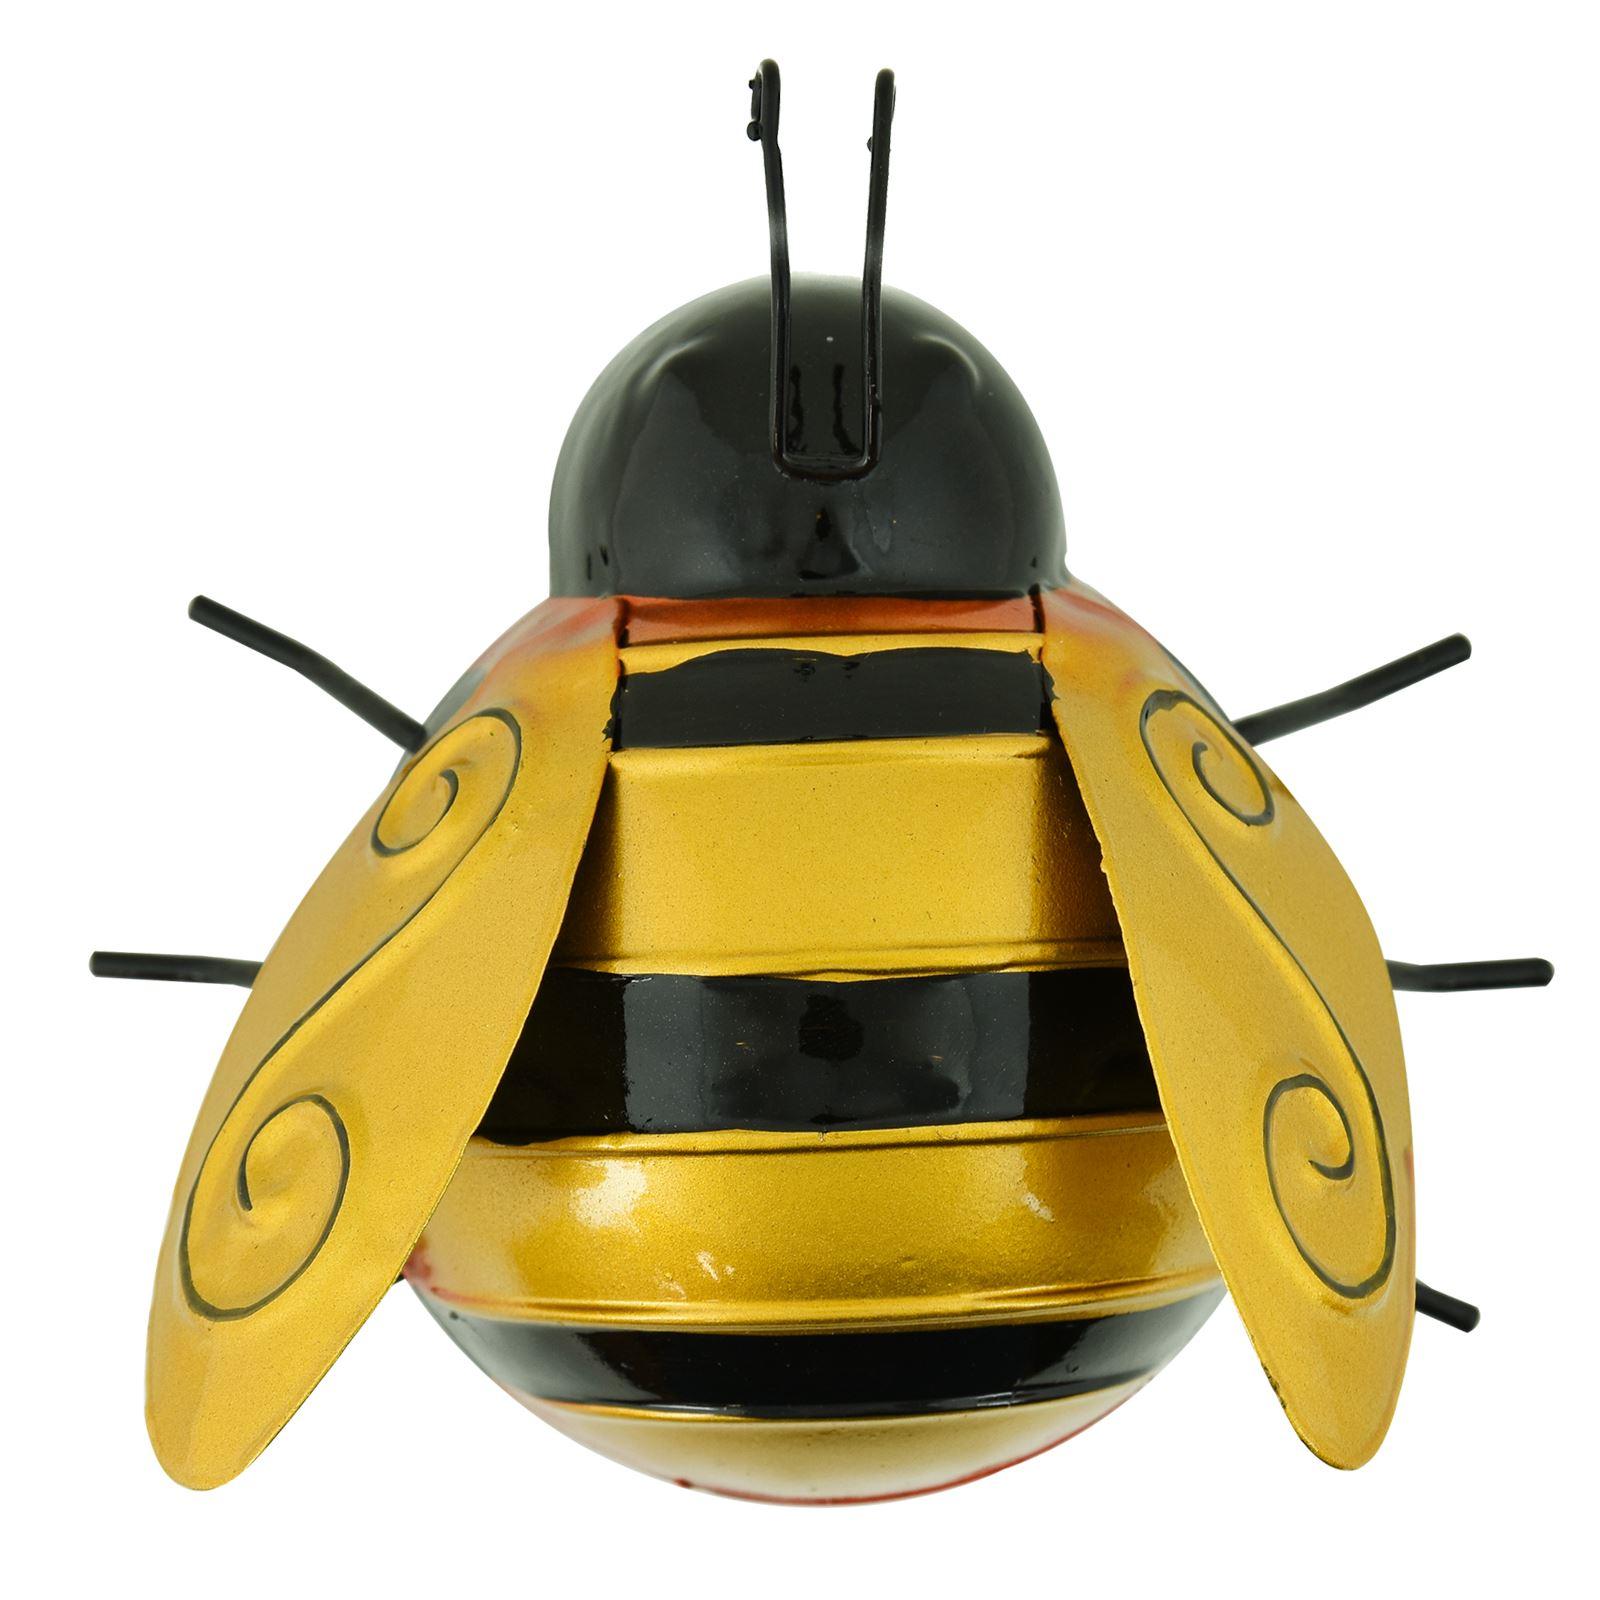 Fountasia Wall Art Medium Bumble Bee 675238936041 | eBay